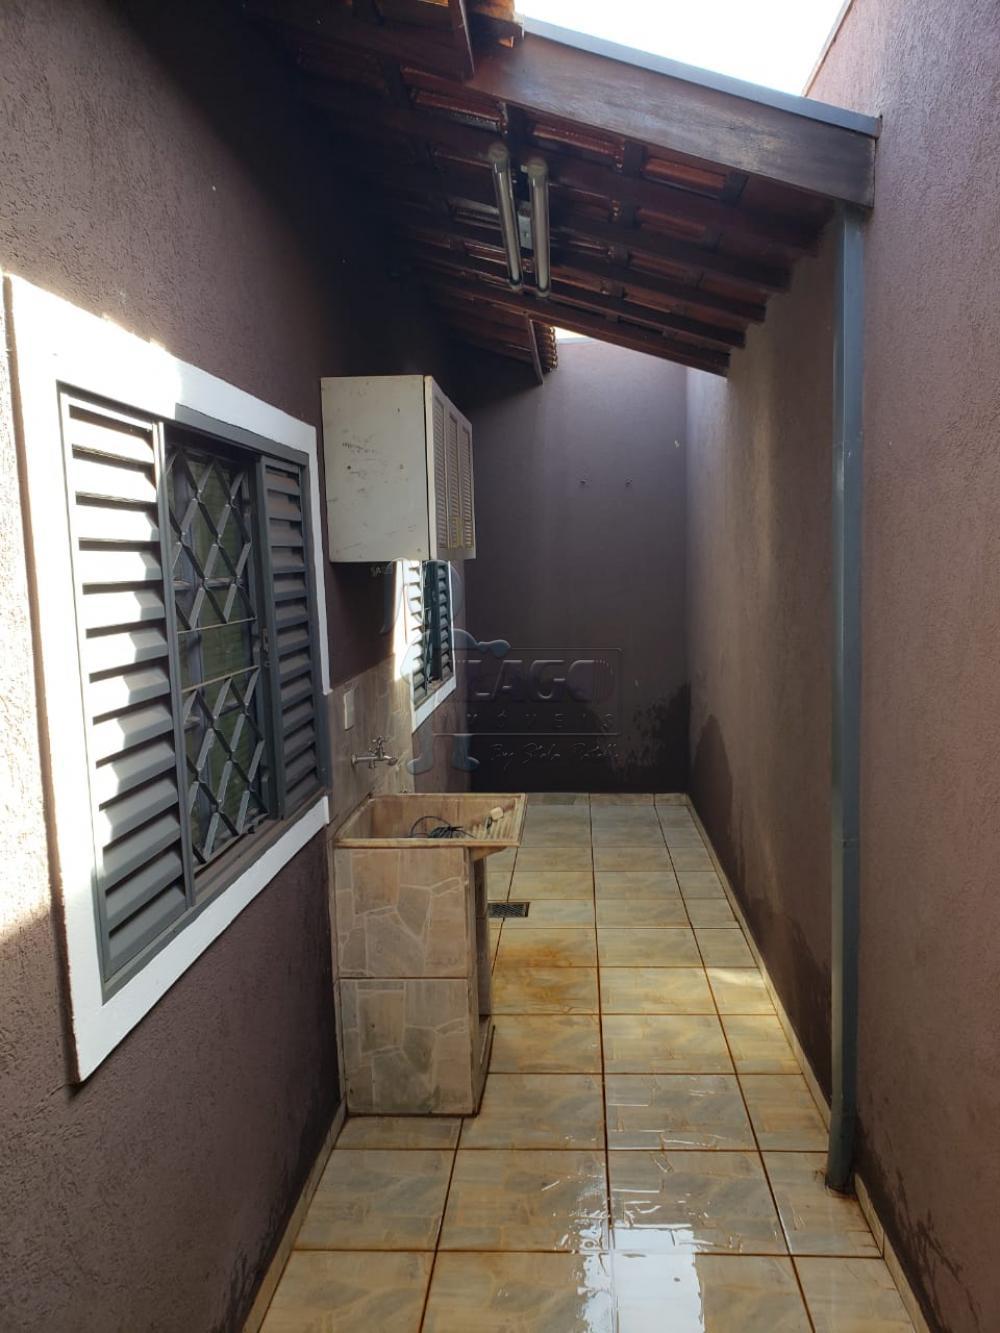 Comprar Casas / Padrão em Ribeirão Preto apenas R$ 260.000,00 - Foto 5